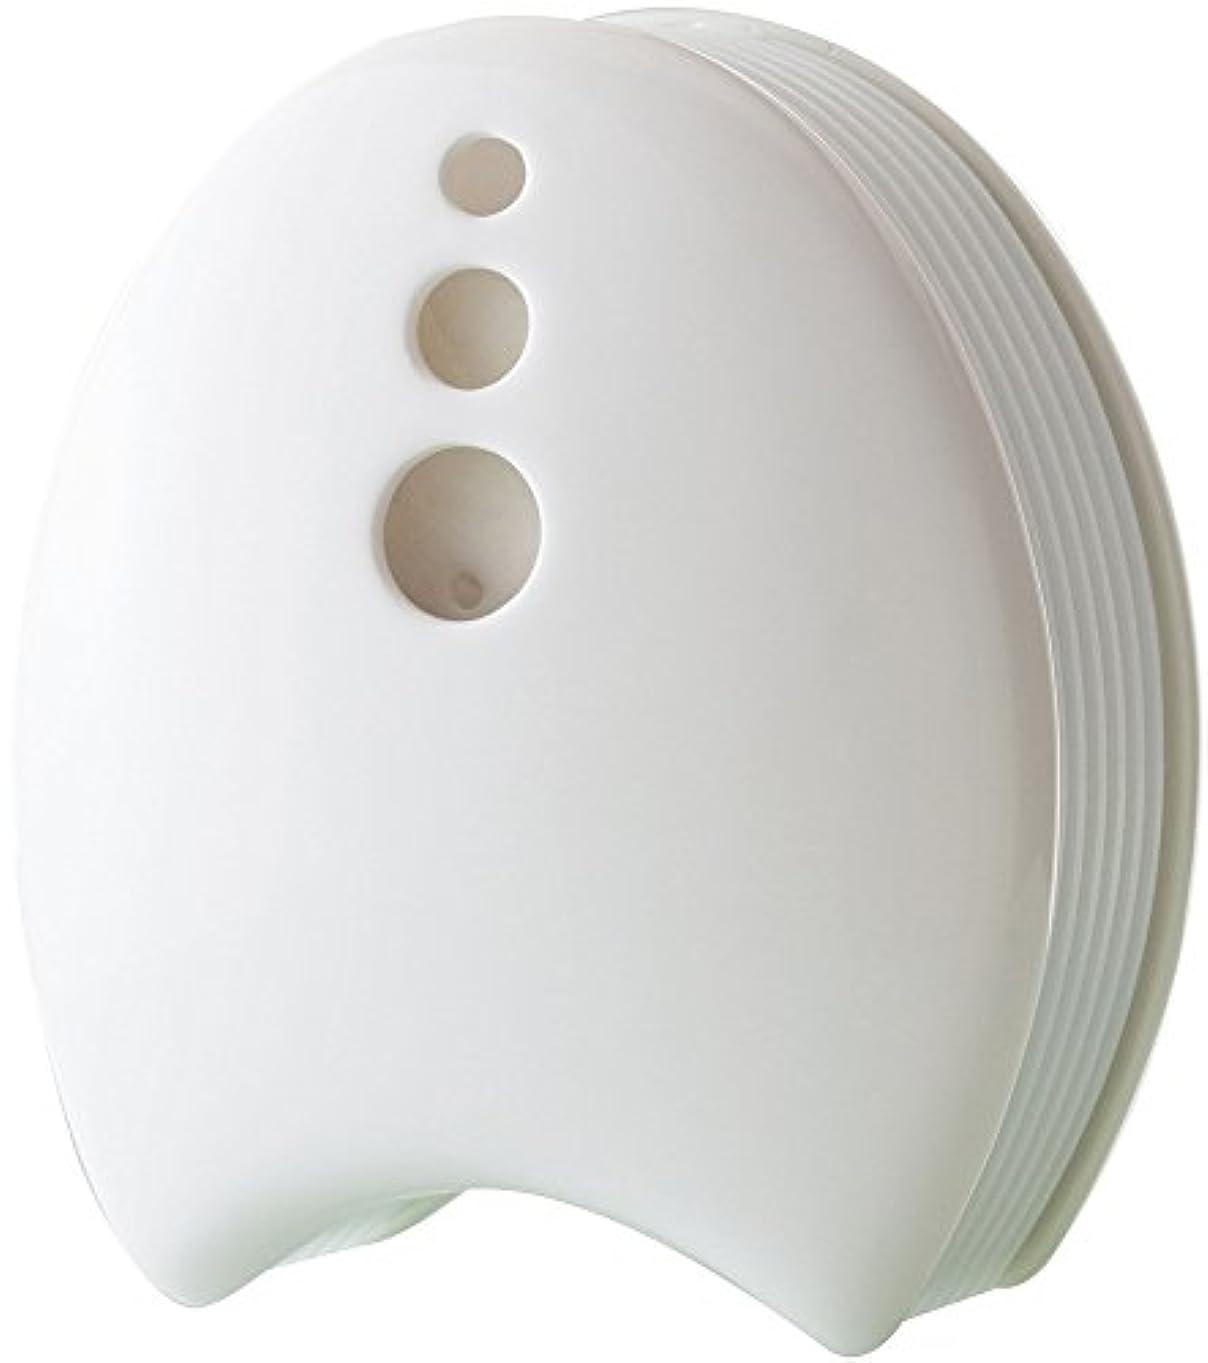 ライラックフォームはっきりと陶器のアロマブリーズ 瀬戸焼 ホ ワイト